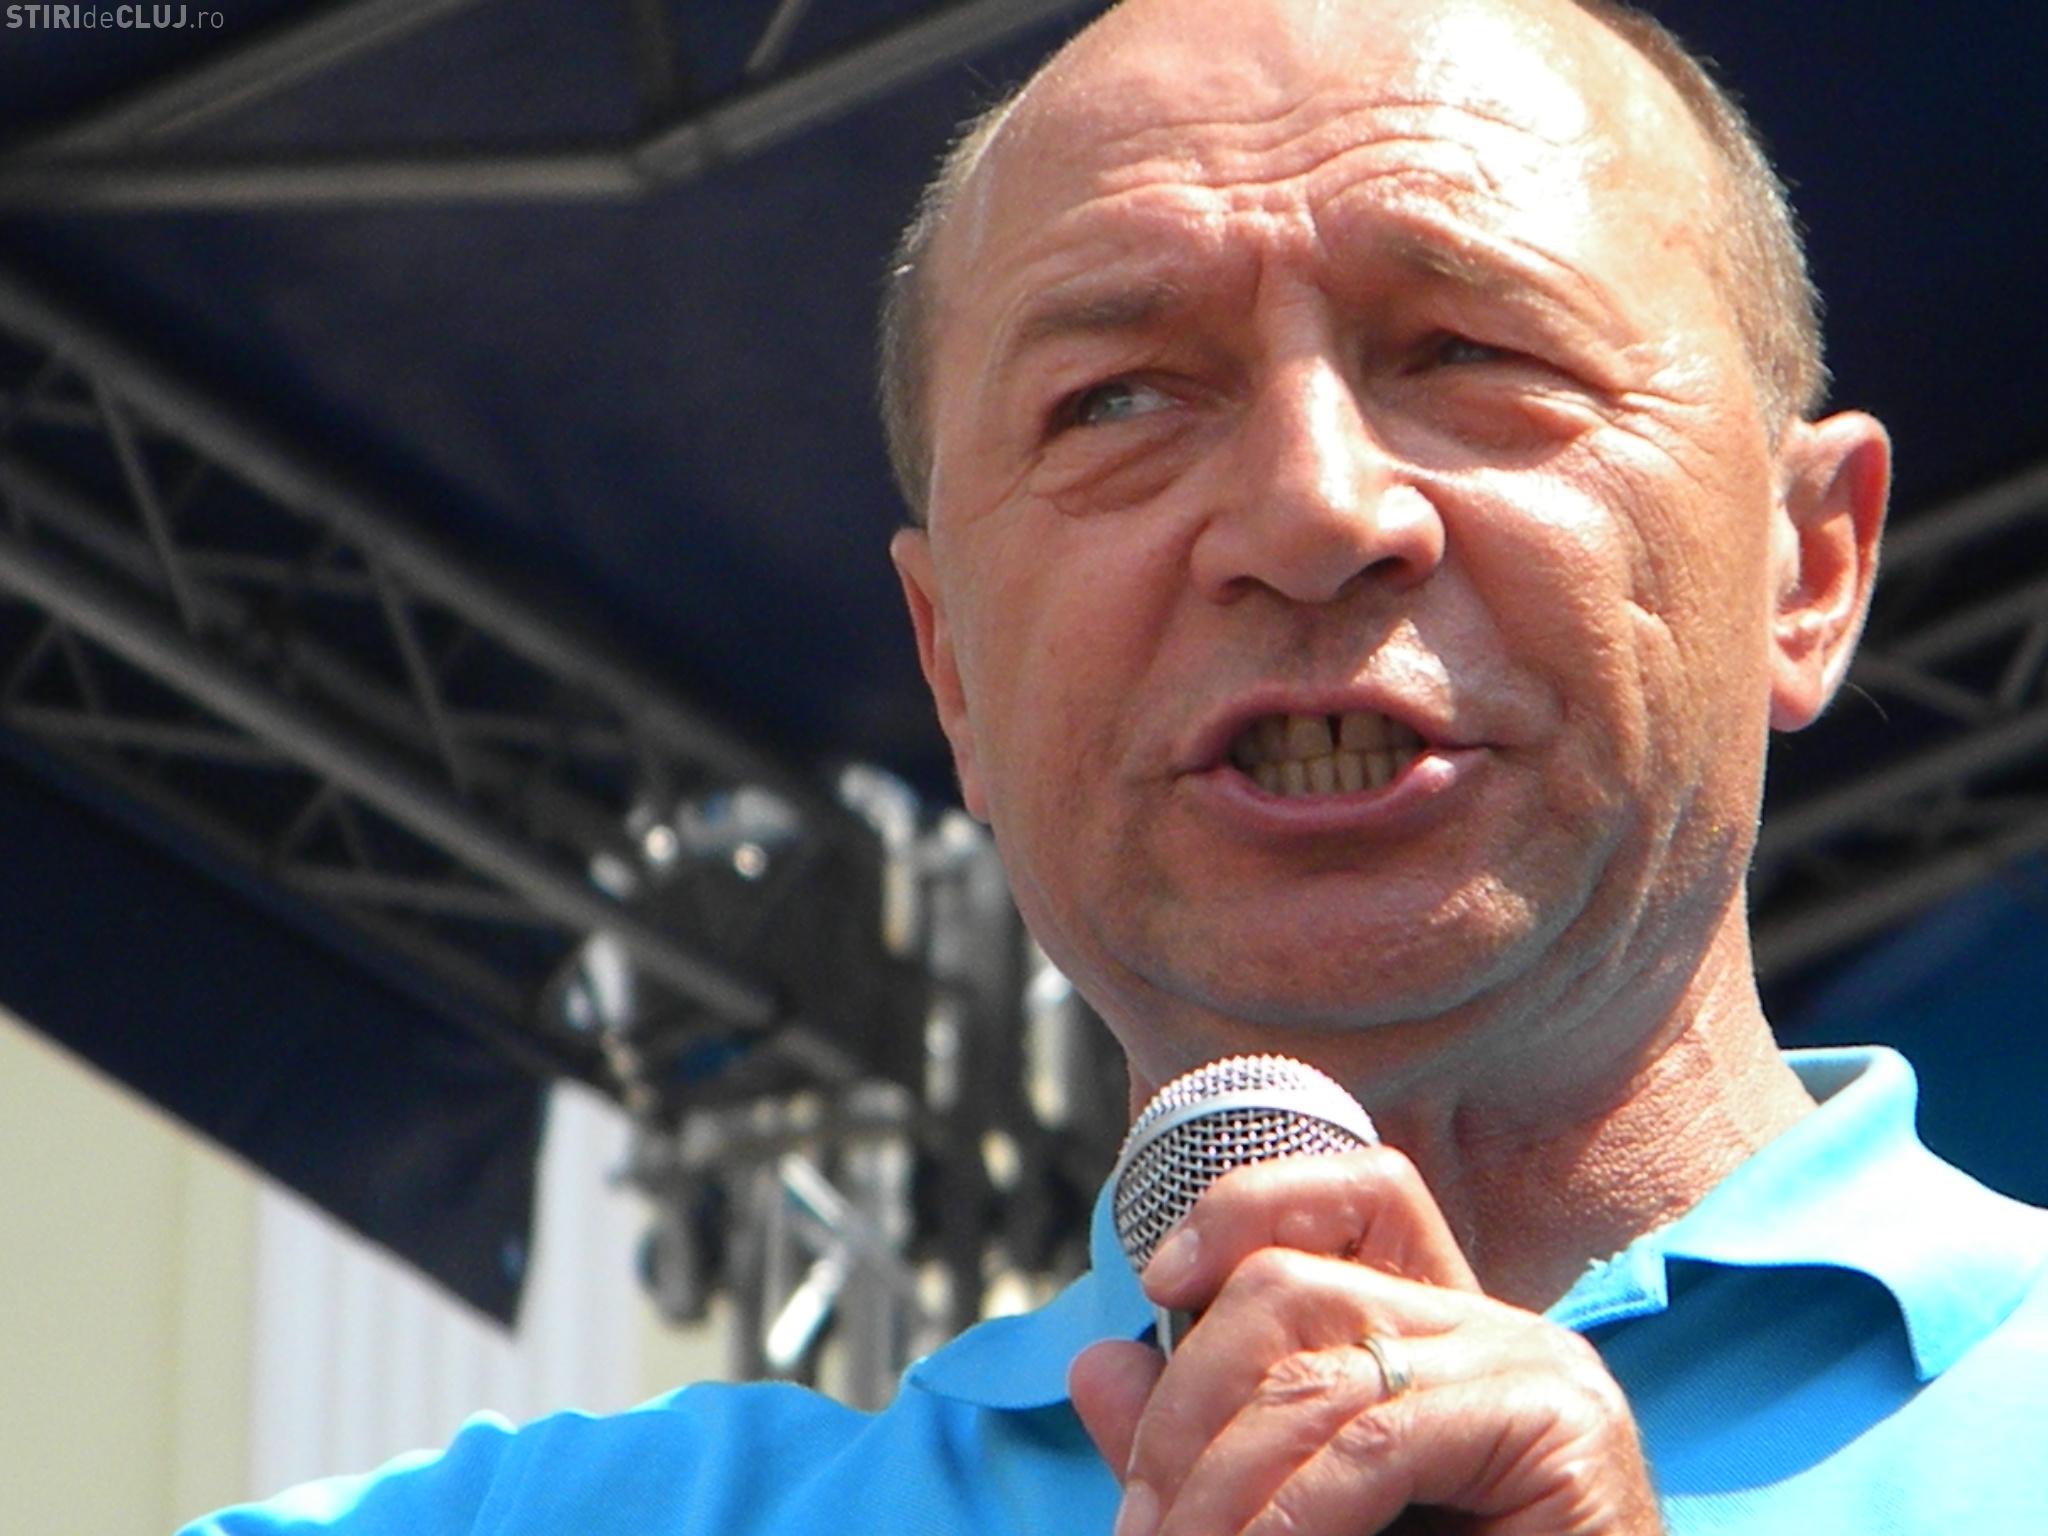 TRAIAN BĂSESCU, despre Facebook la ICEE FEST: Internetul trebuie lăsat liber